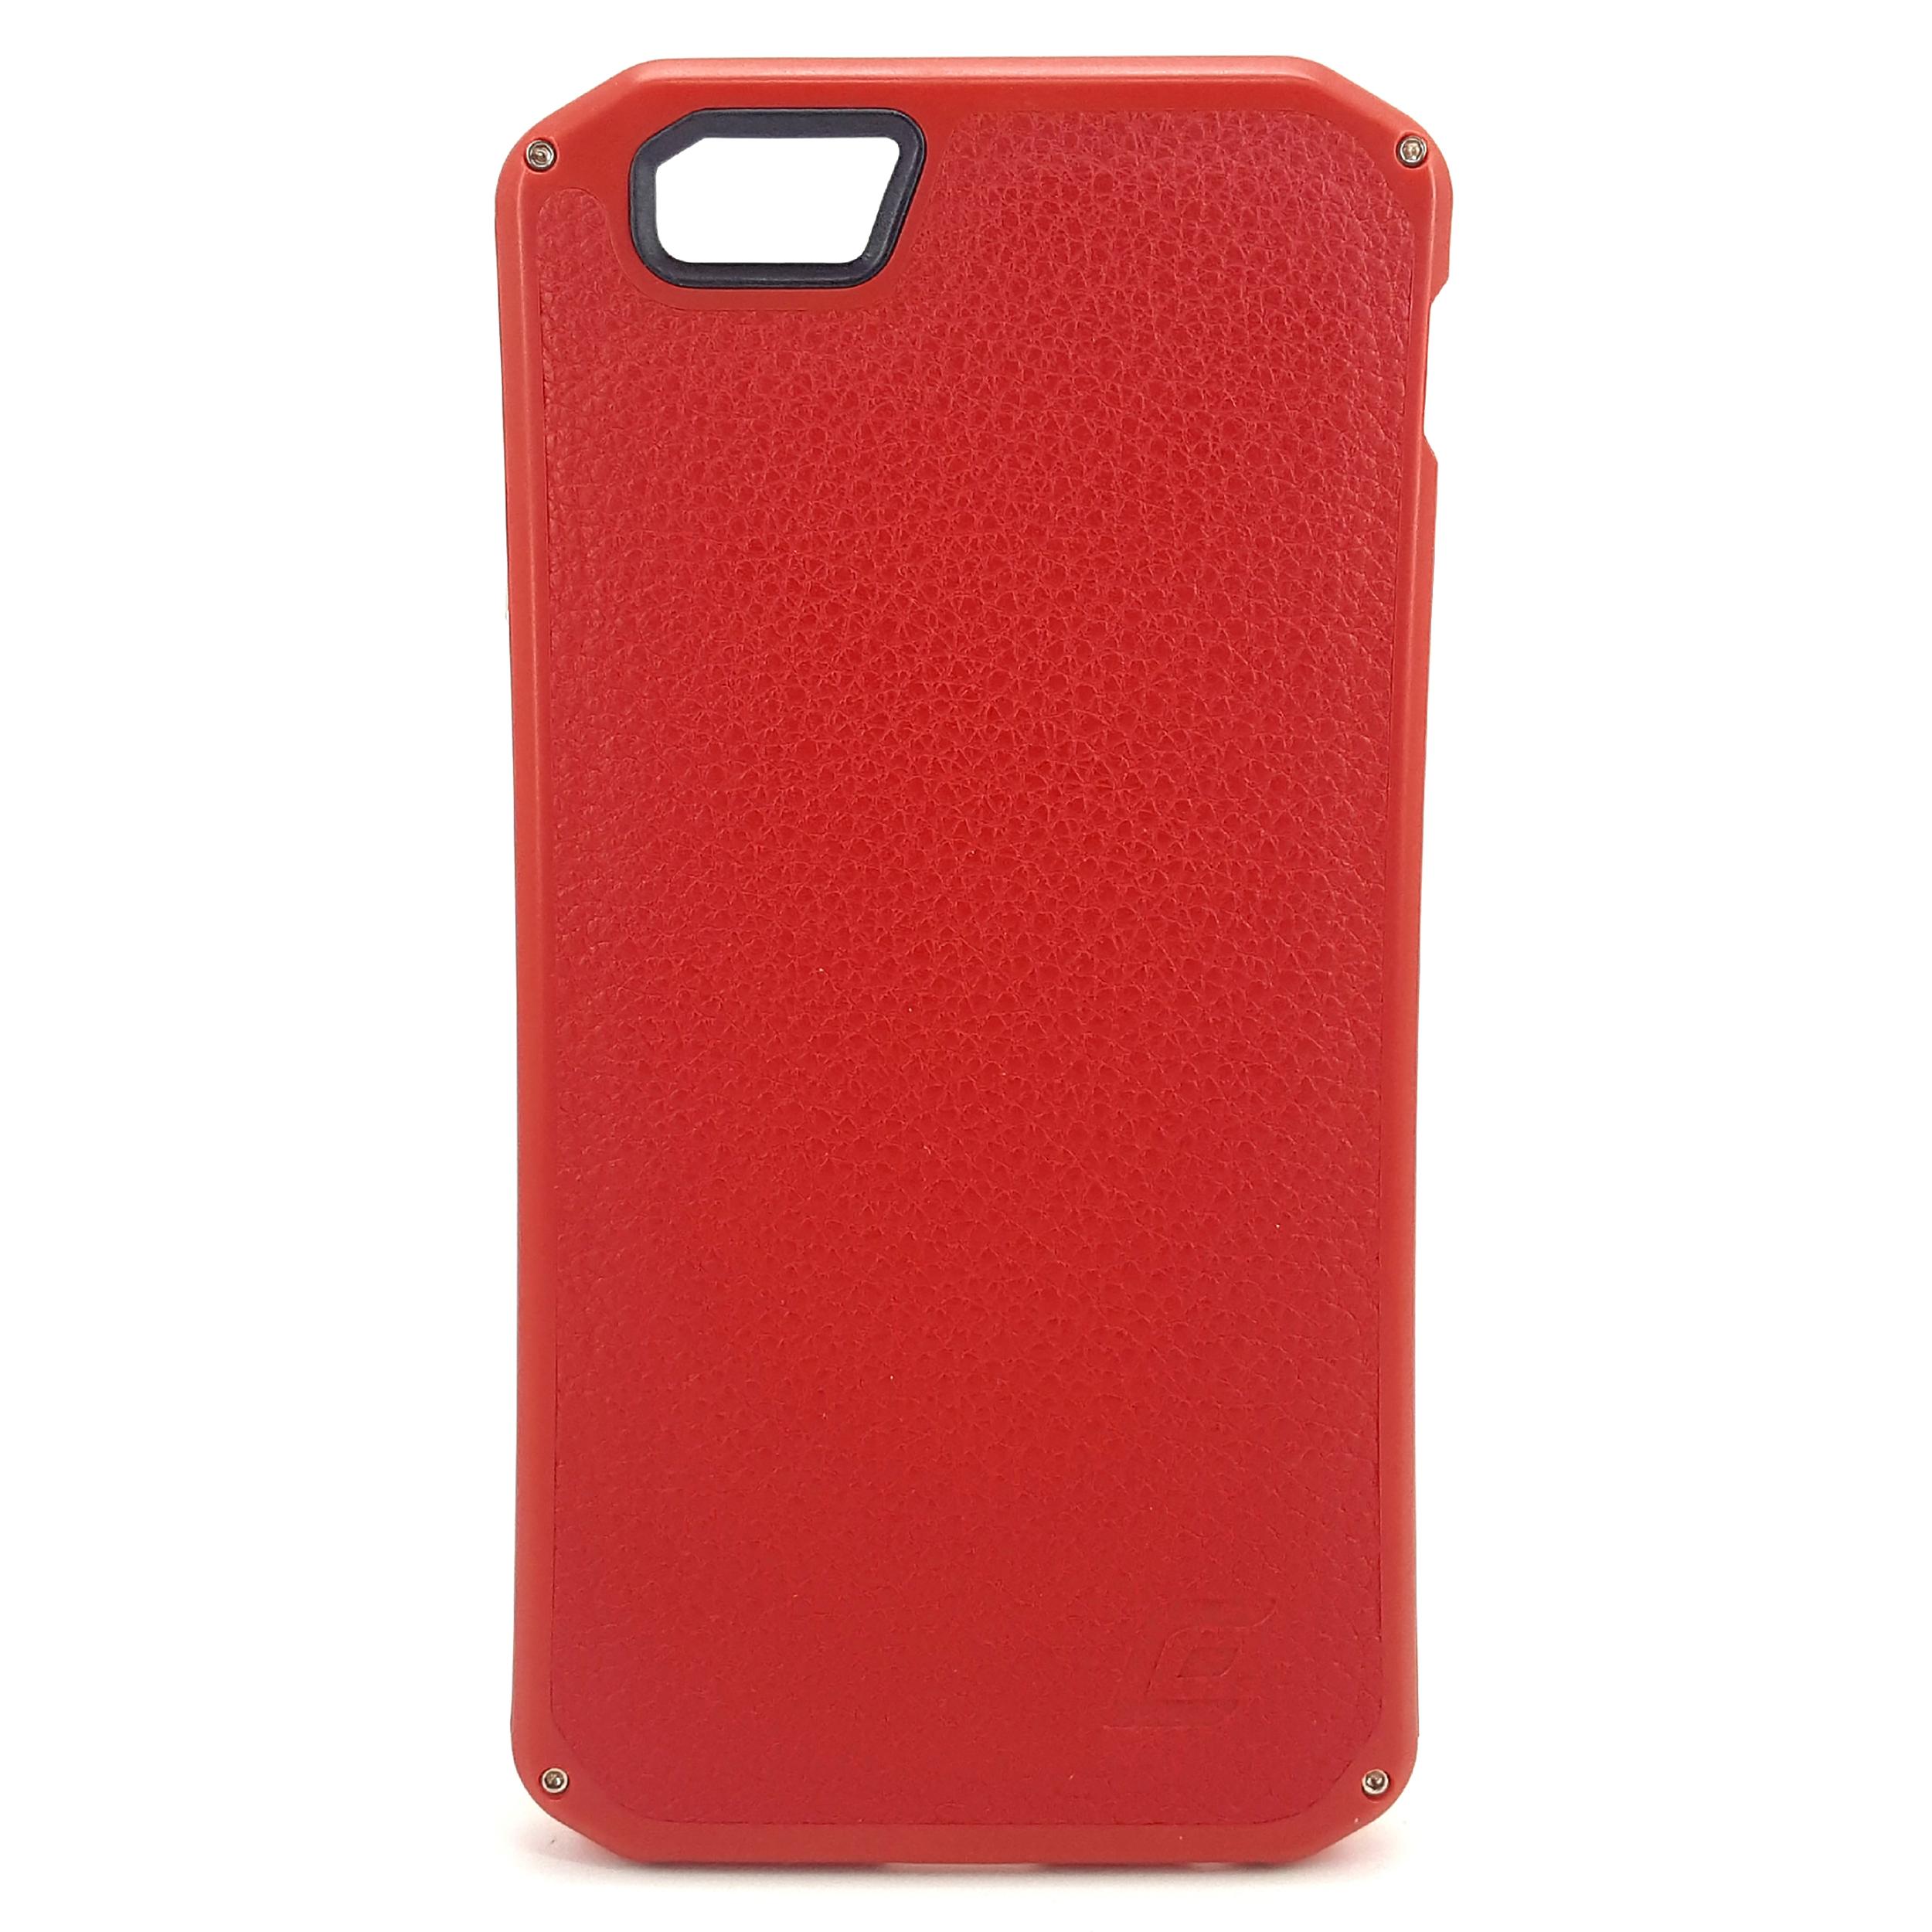 کاور المنت کیس مدل Solace LX مناسب برای گوشی اپل Iphone 6/6s